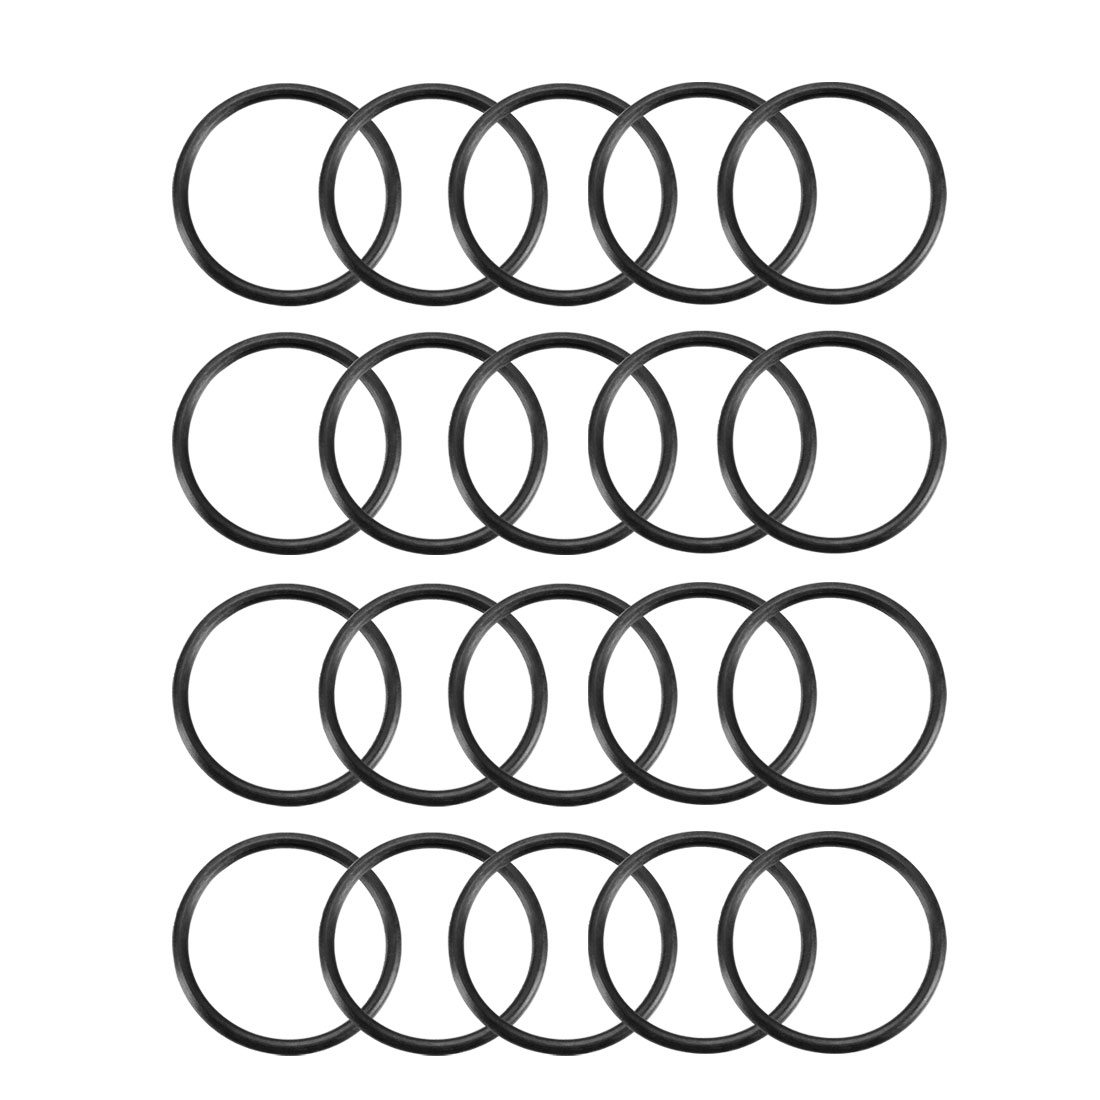 20pcs Black Nitrile Butadiene Rubber NBR O-Ring 16.5mm Inner Dia 1.35mm Width